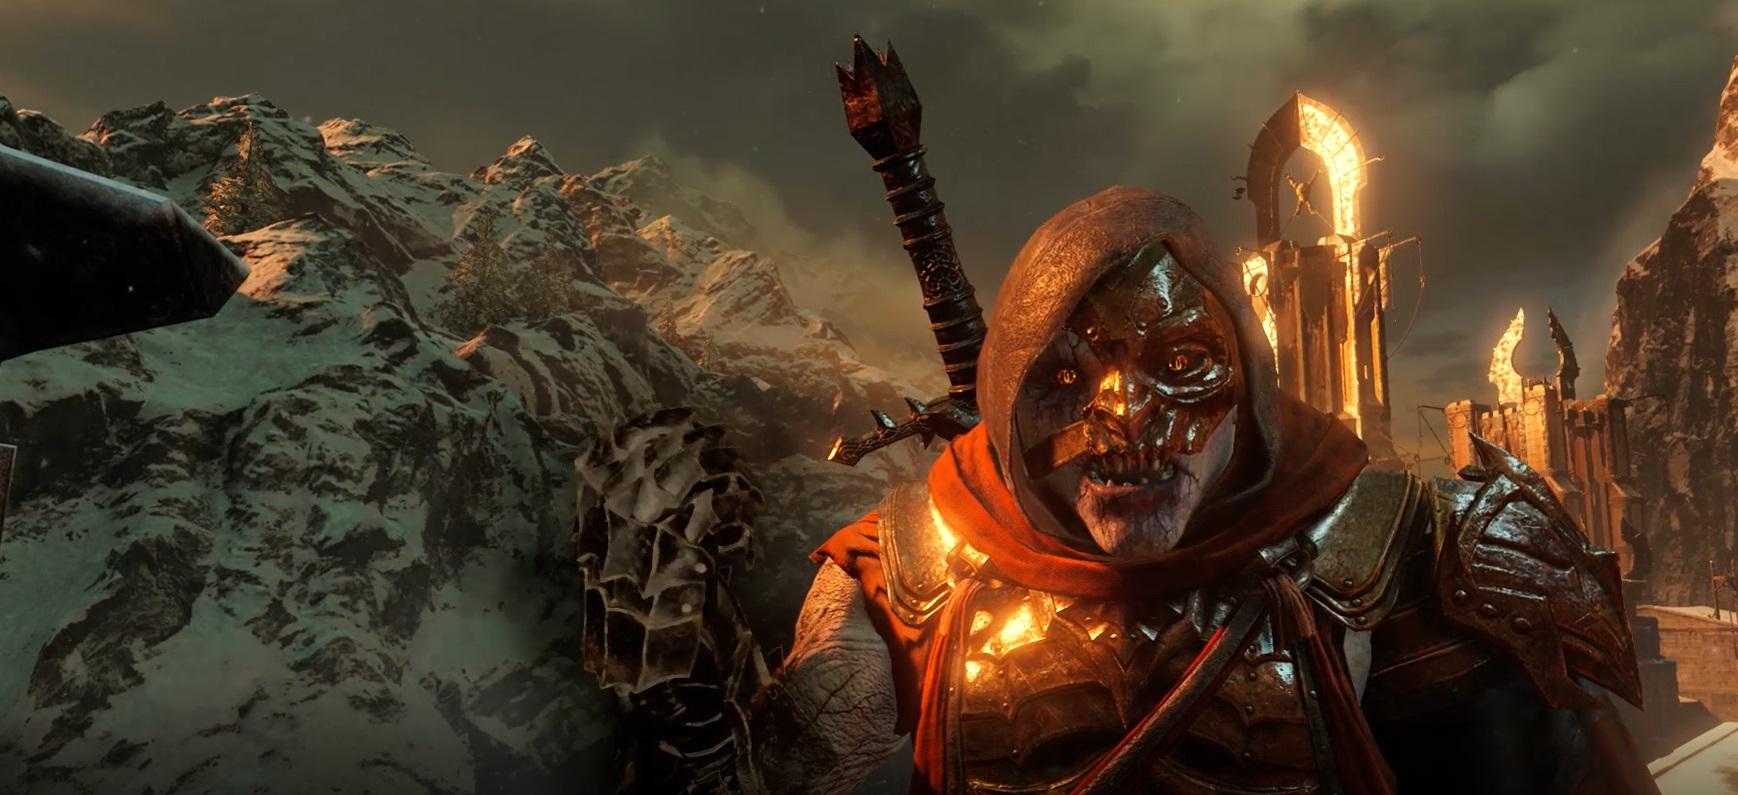 Skyrim Fall Wallpaper Hd Middle Earth Shadow Of War Farming Legendary Gear